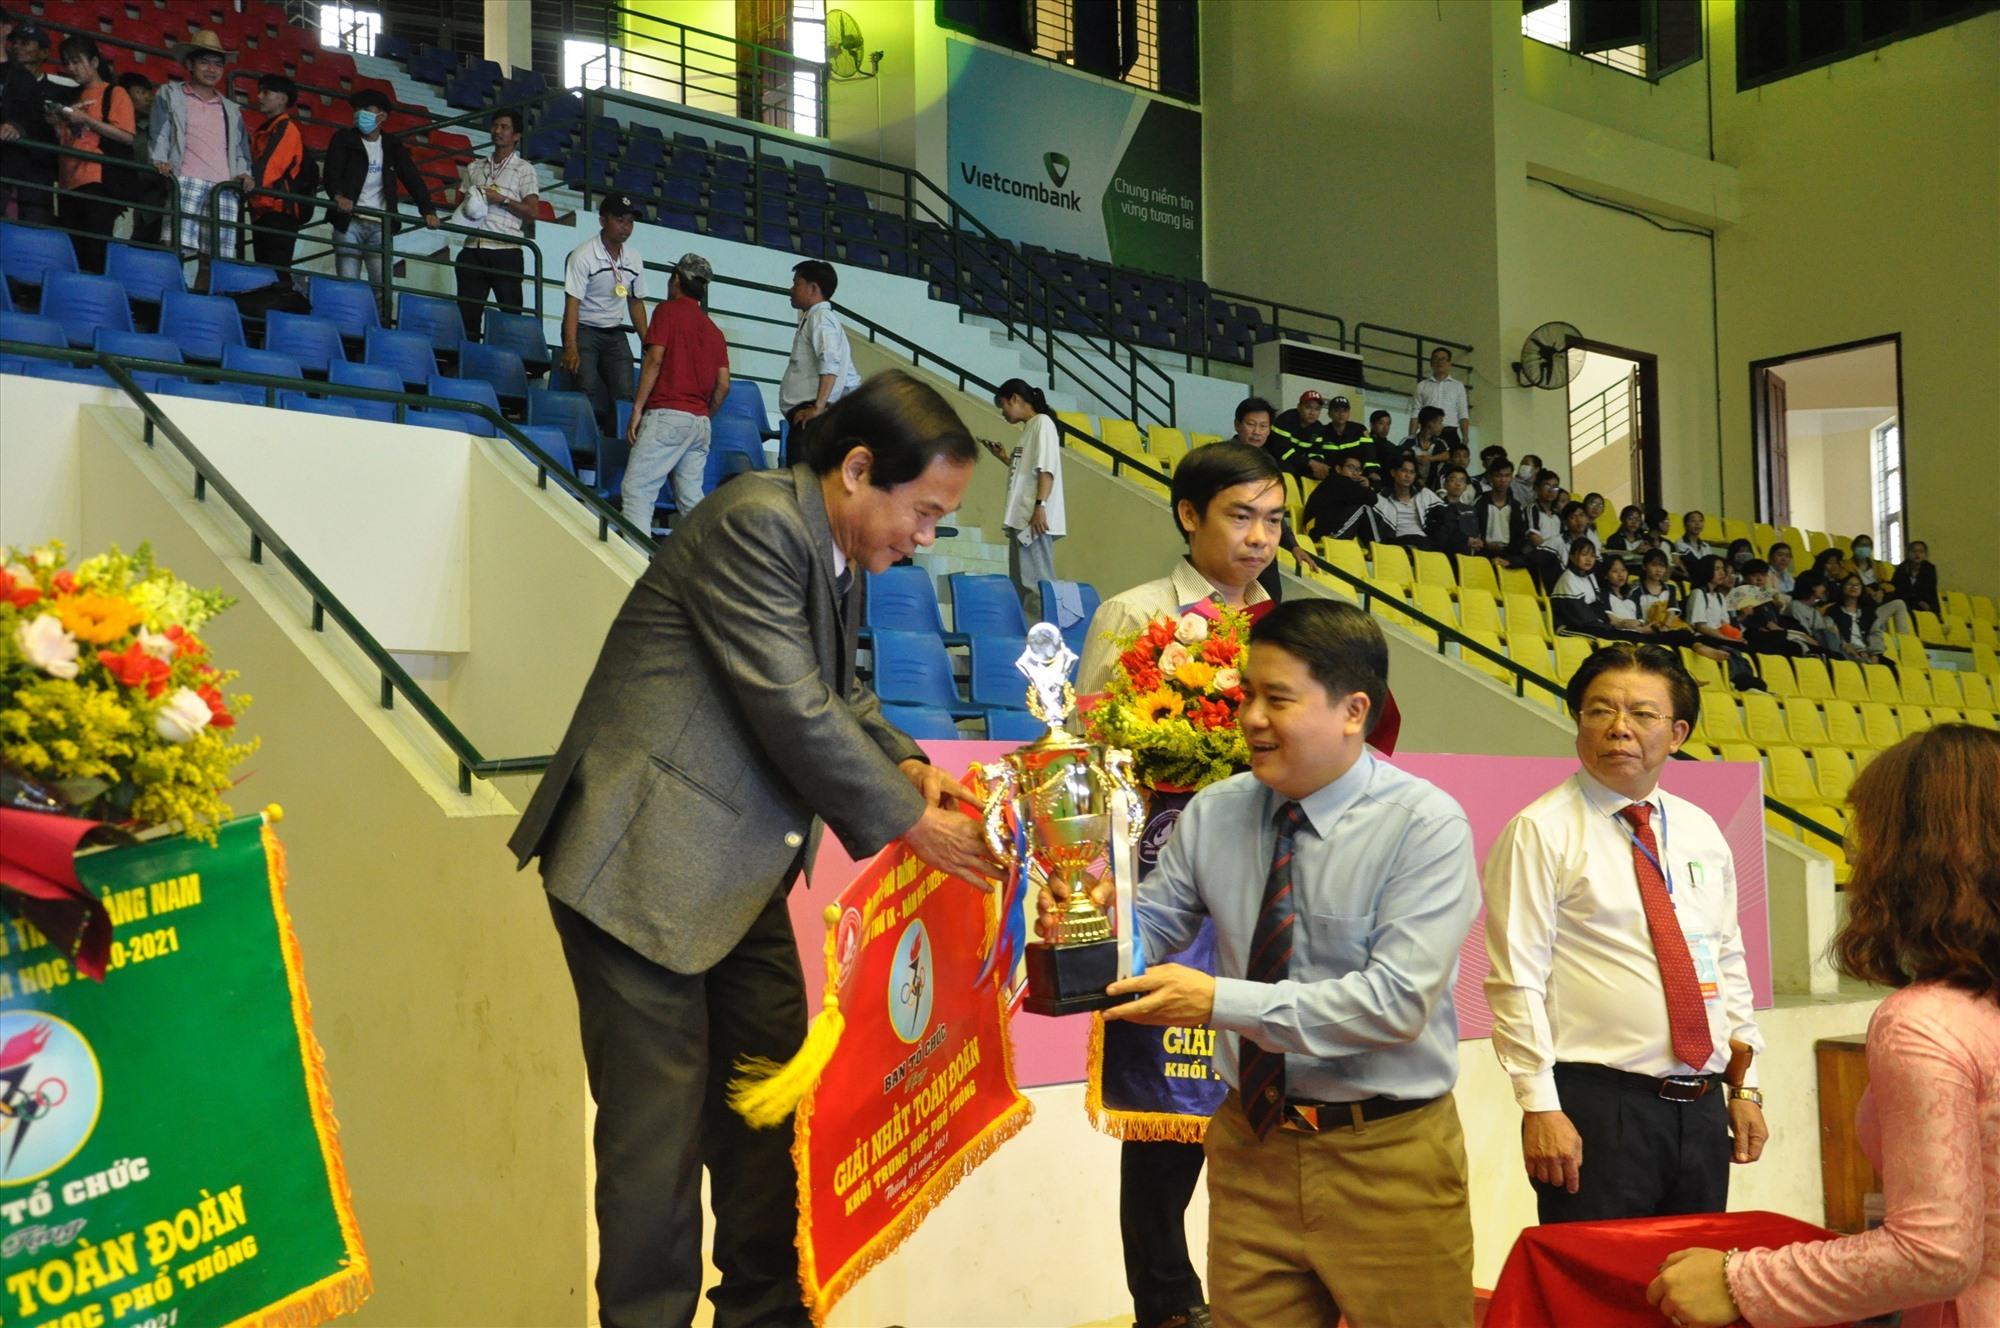 Phó Chủ tịch UBND tỉnh Trần Văn Tân trao cúp vô địch toàn đoàn cho Trường THPT chuyên Nguyễn Bỉnh Khiêm. Ảnh: X.P